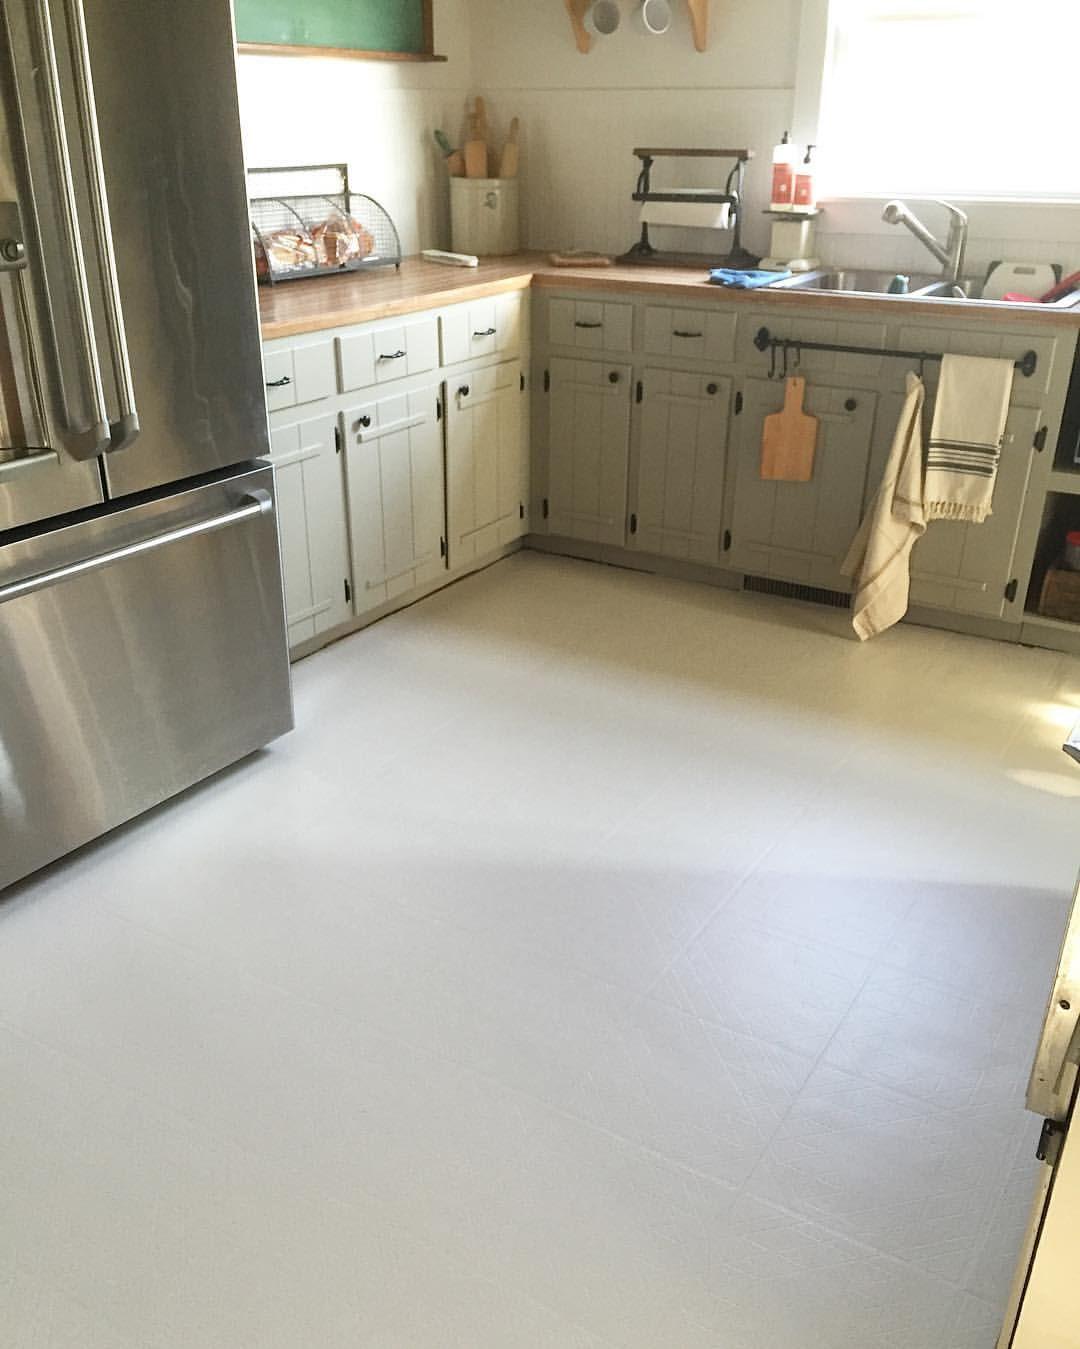 Painted Linoleum Floors! | Farmhouse Kitchen Remodel ...